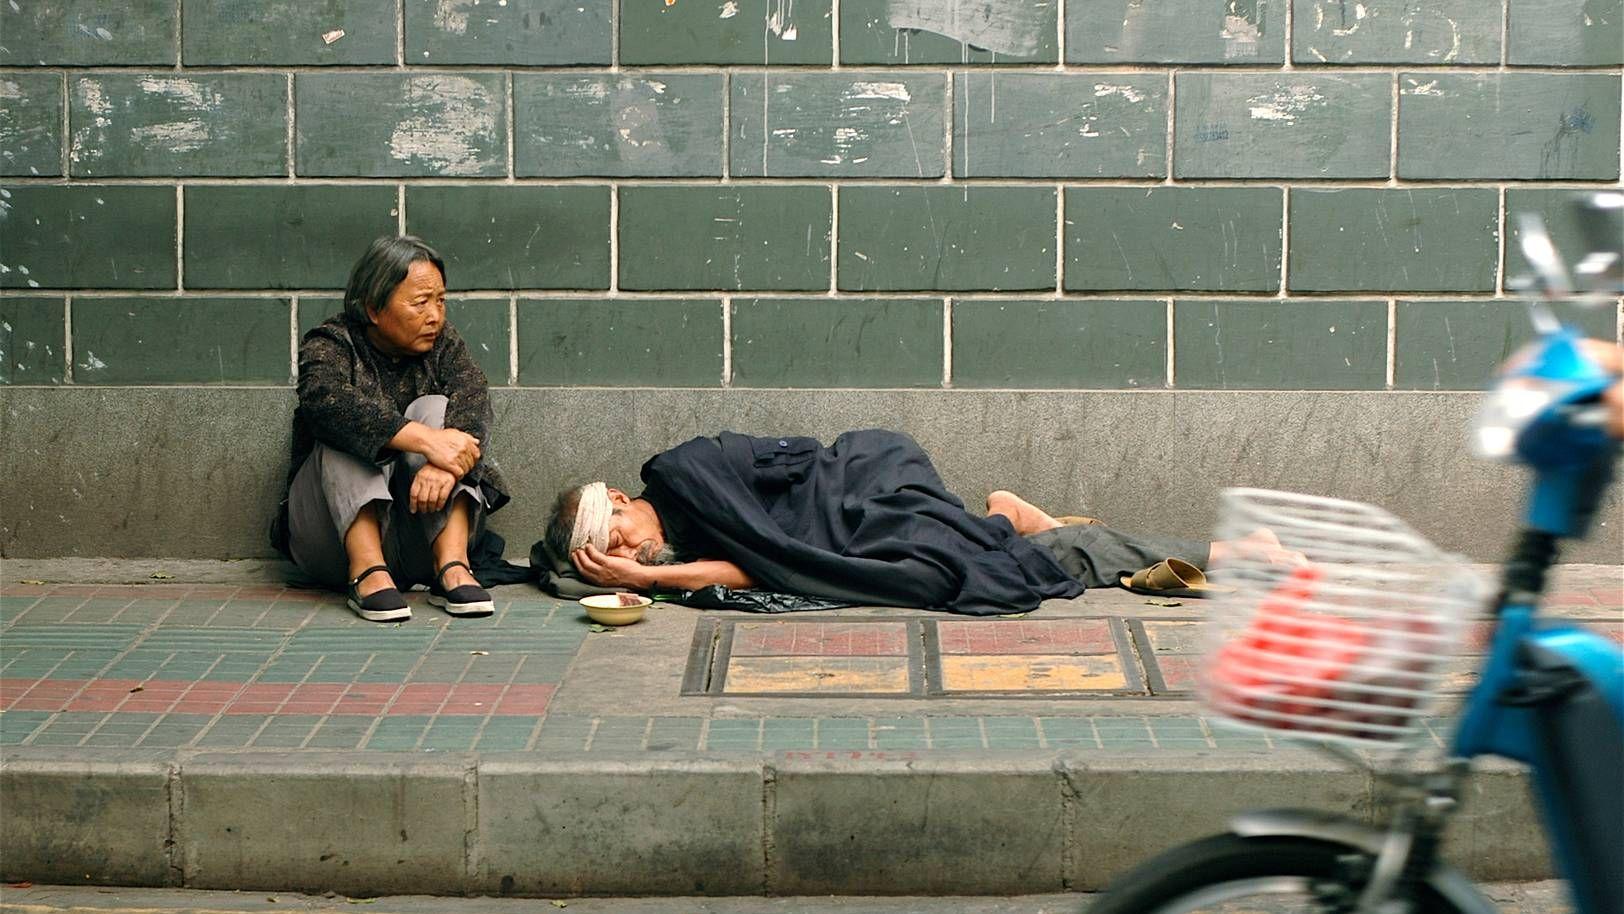 Картинка про бедных